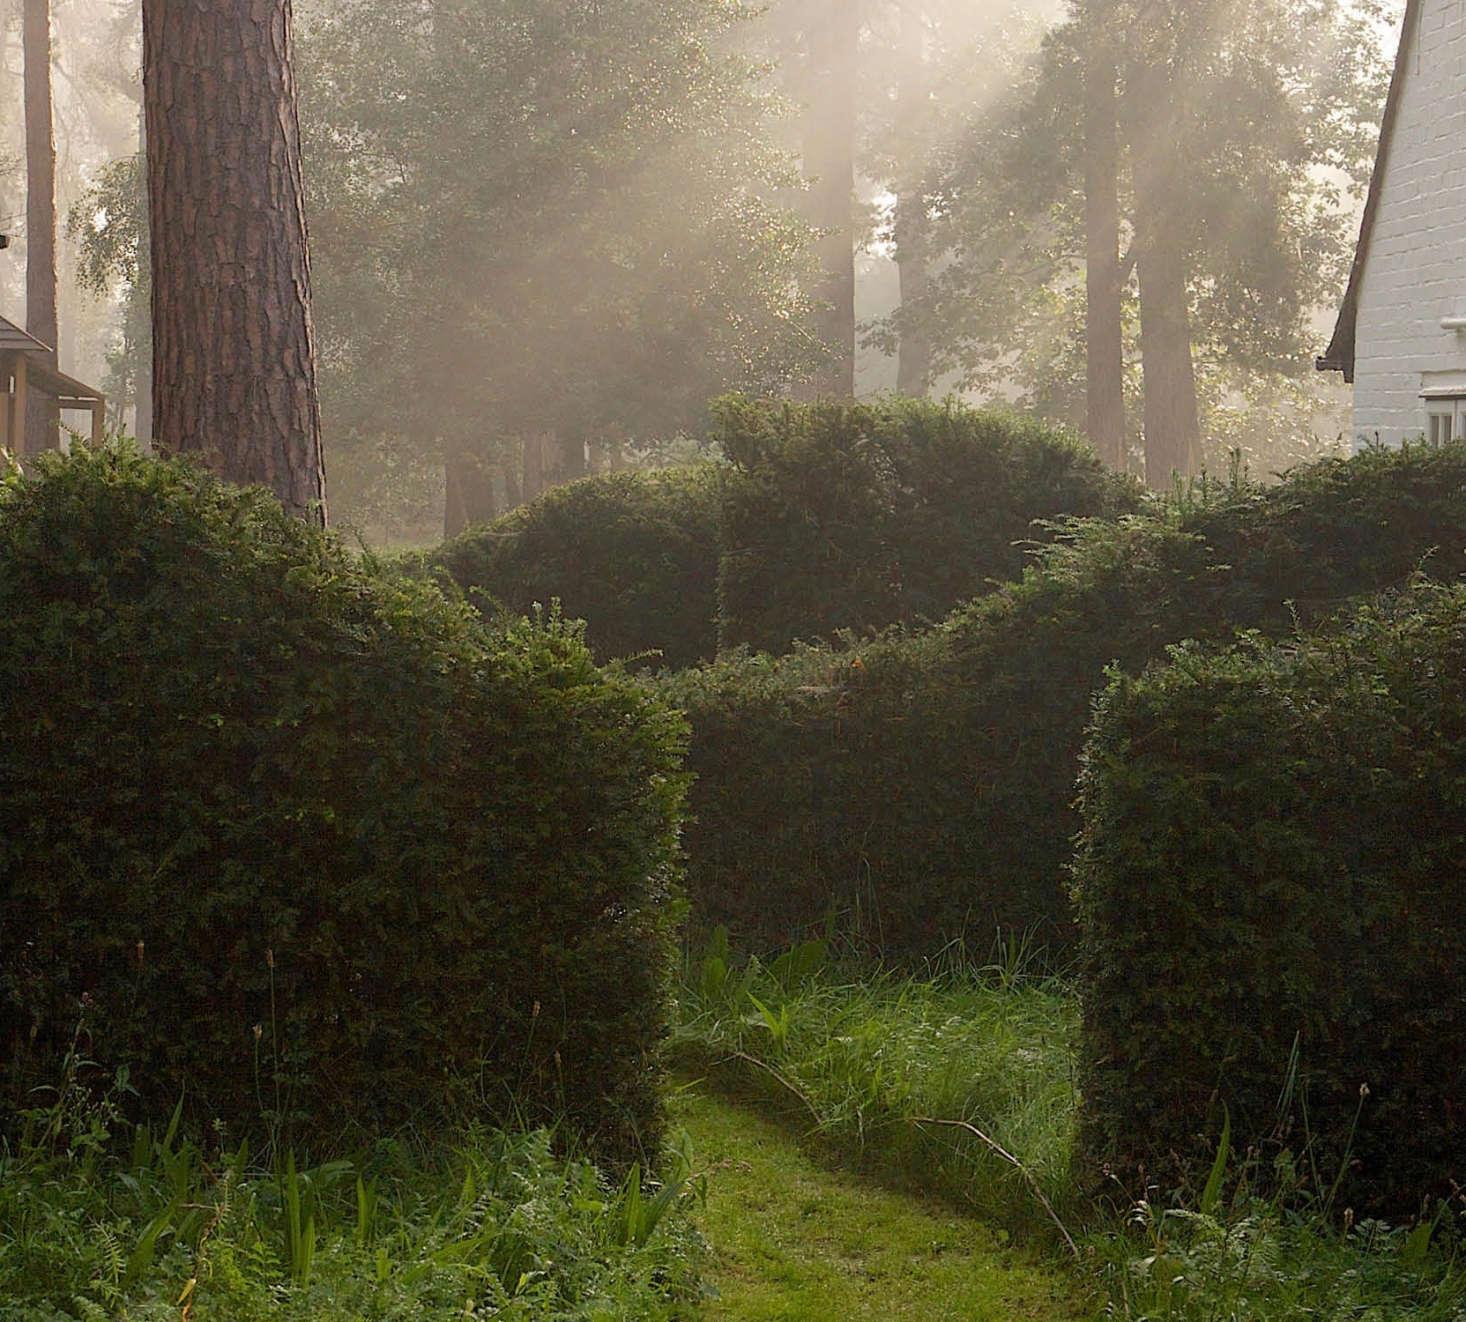 阿斯特·普勒斯·普斯特·普斯特在这里的一位游风中的人,沿着《看着的人》,穿过树林的方式,穿过了。